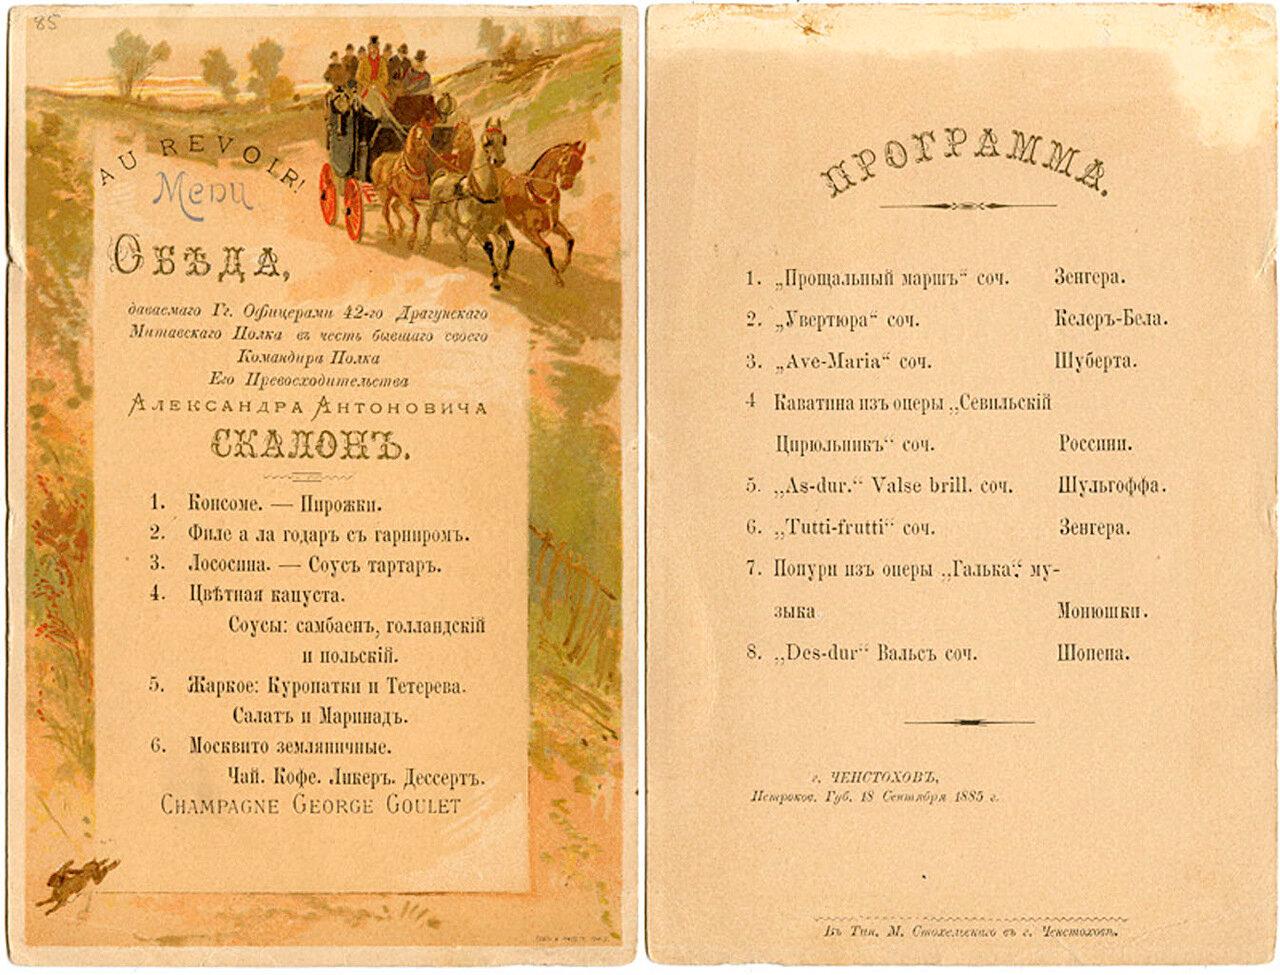 Меню и программа обеда офицеров 42 драгунского Митаевского полка в честь бывшего своего командира А.А.Скалона 18 сентября 1885 г.